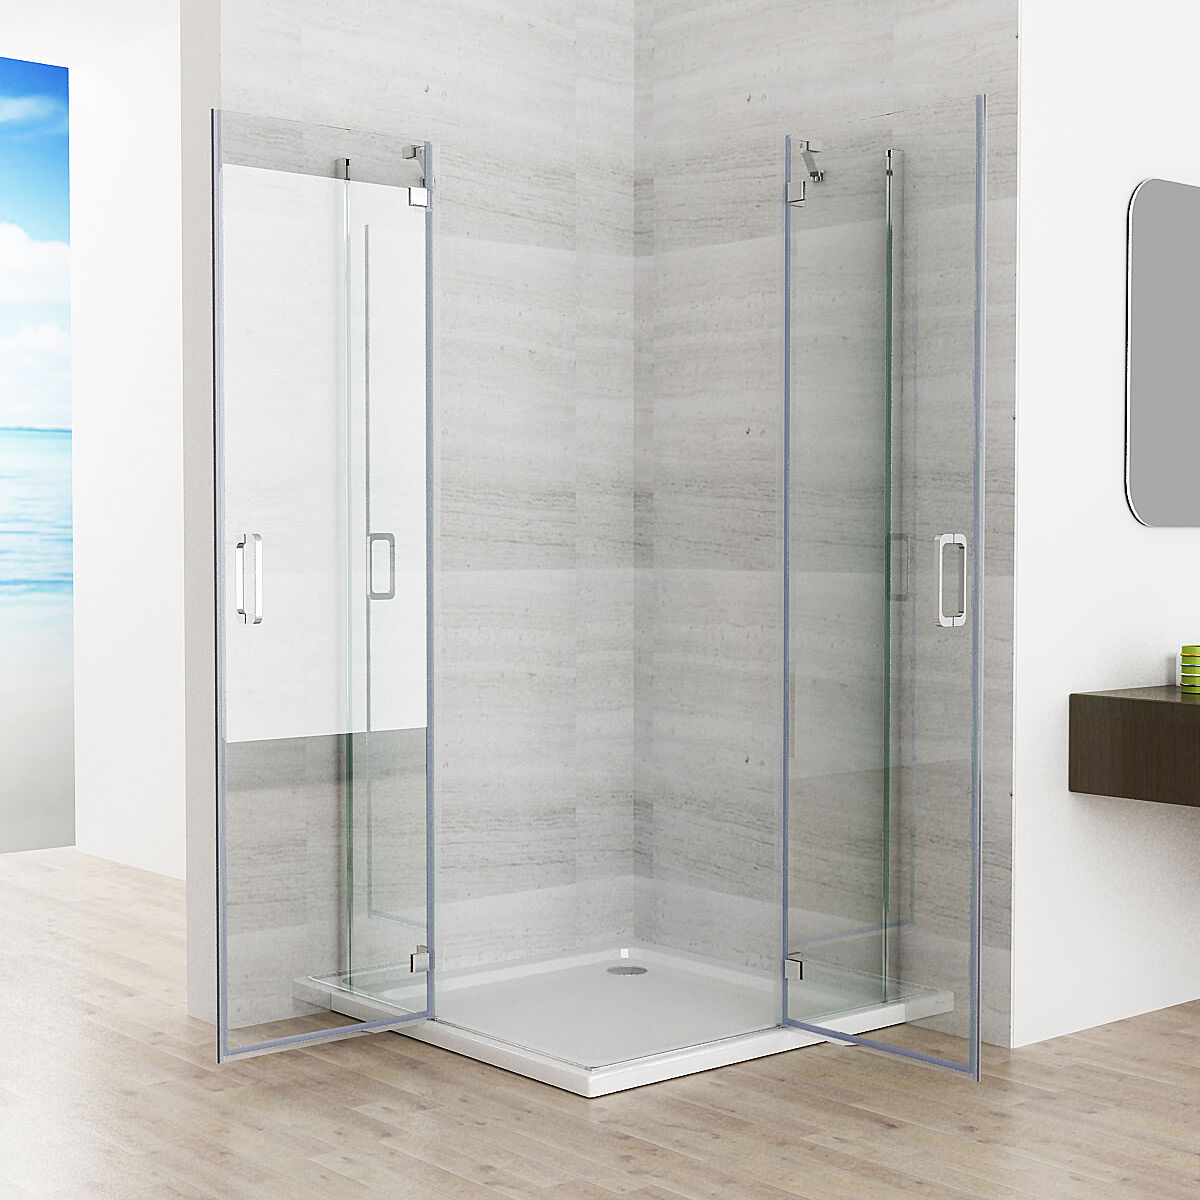 duschkabine eckeinstieg duschwand duschabtrennung nano. Black Bedroom Furniture Sets. Home Design Ideas